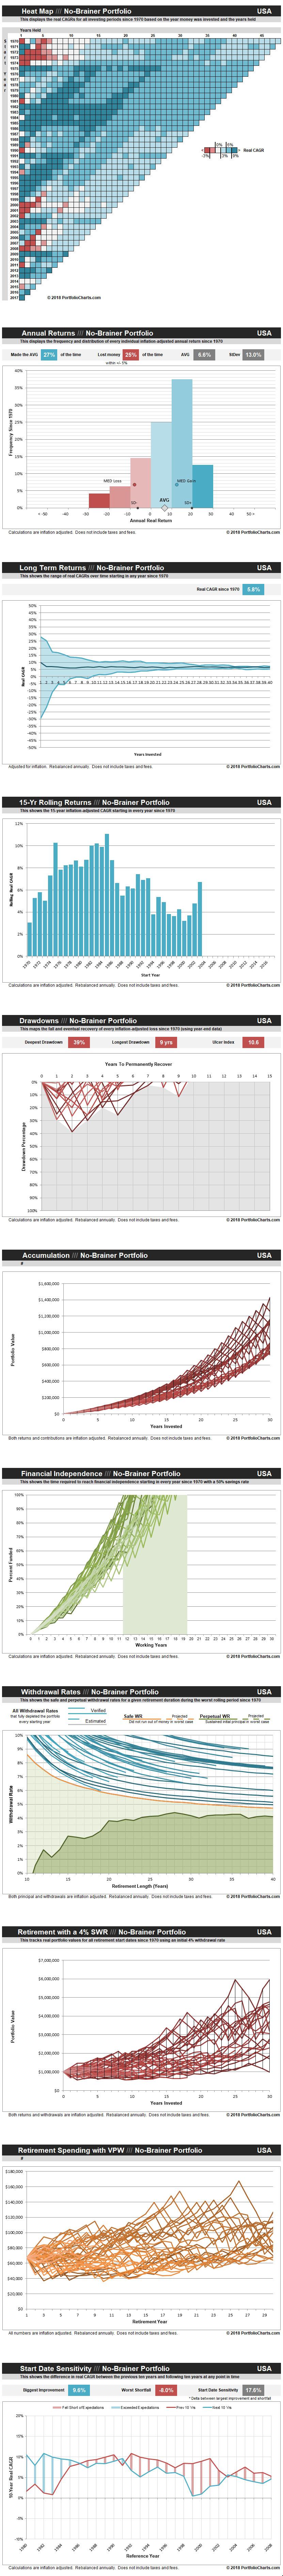 no-brainer-portfolio-USA-20180508